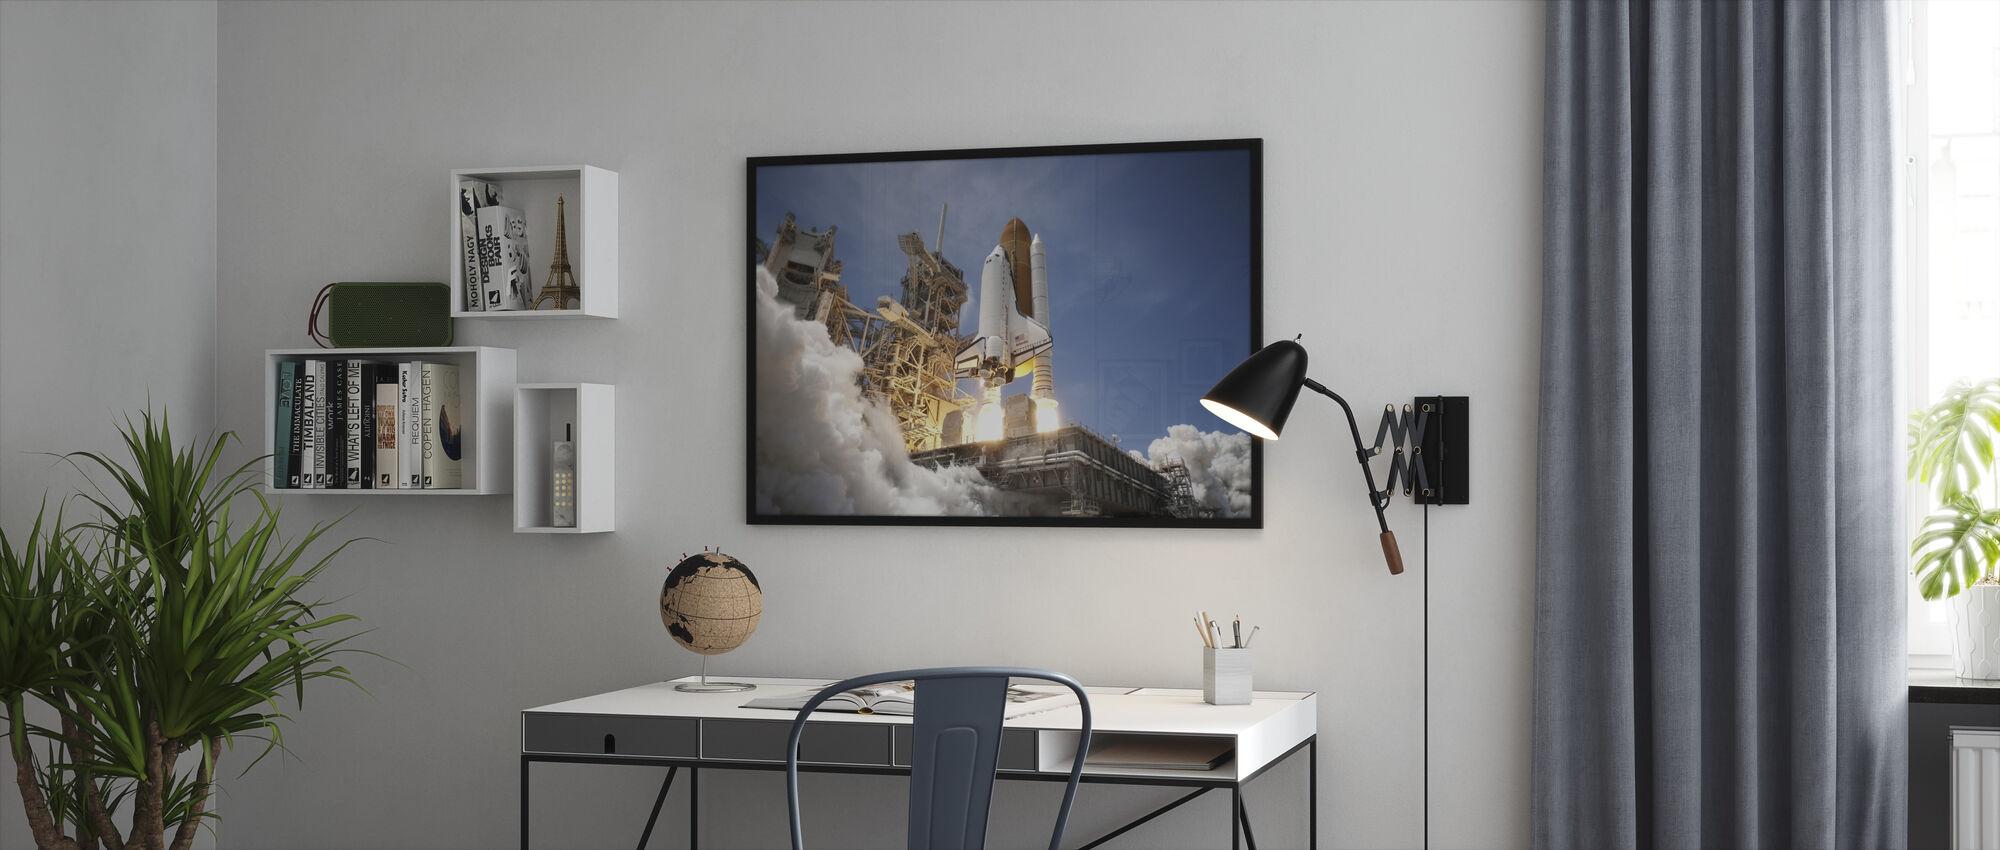 Space Shuttle - Framed print - Office